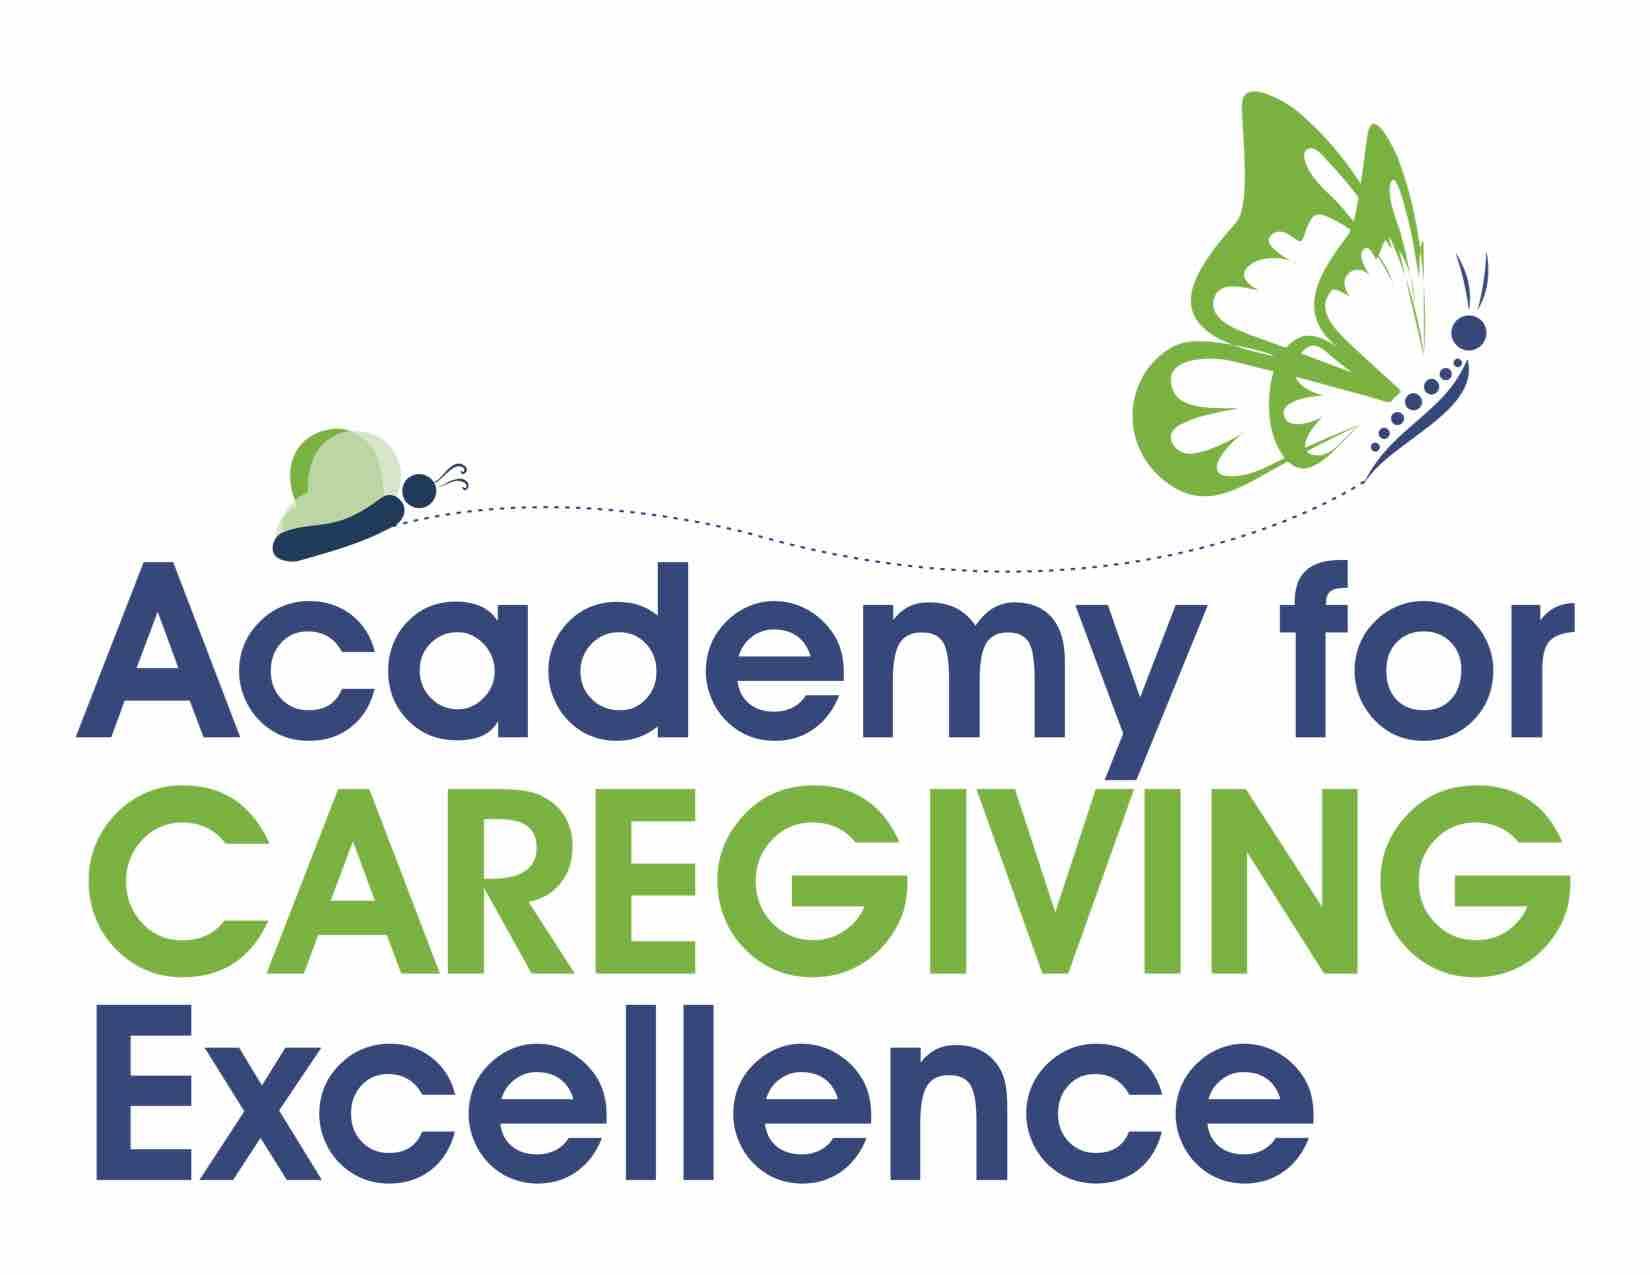 Academyforcaregiving